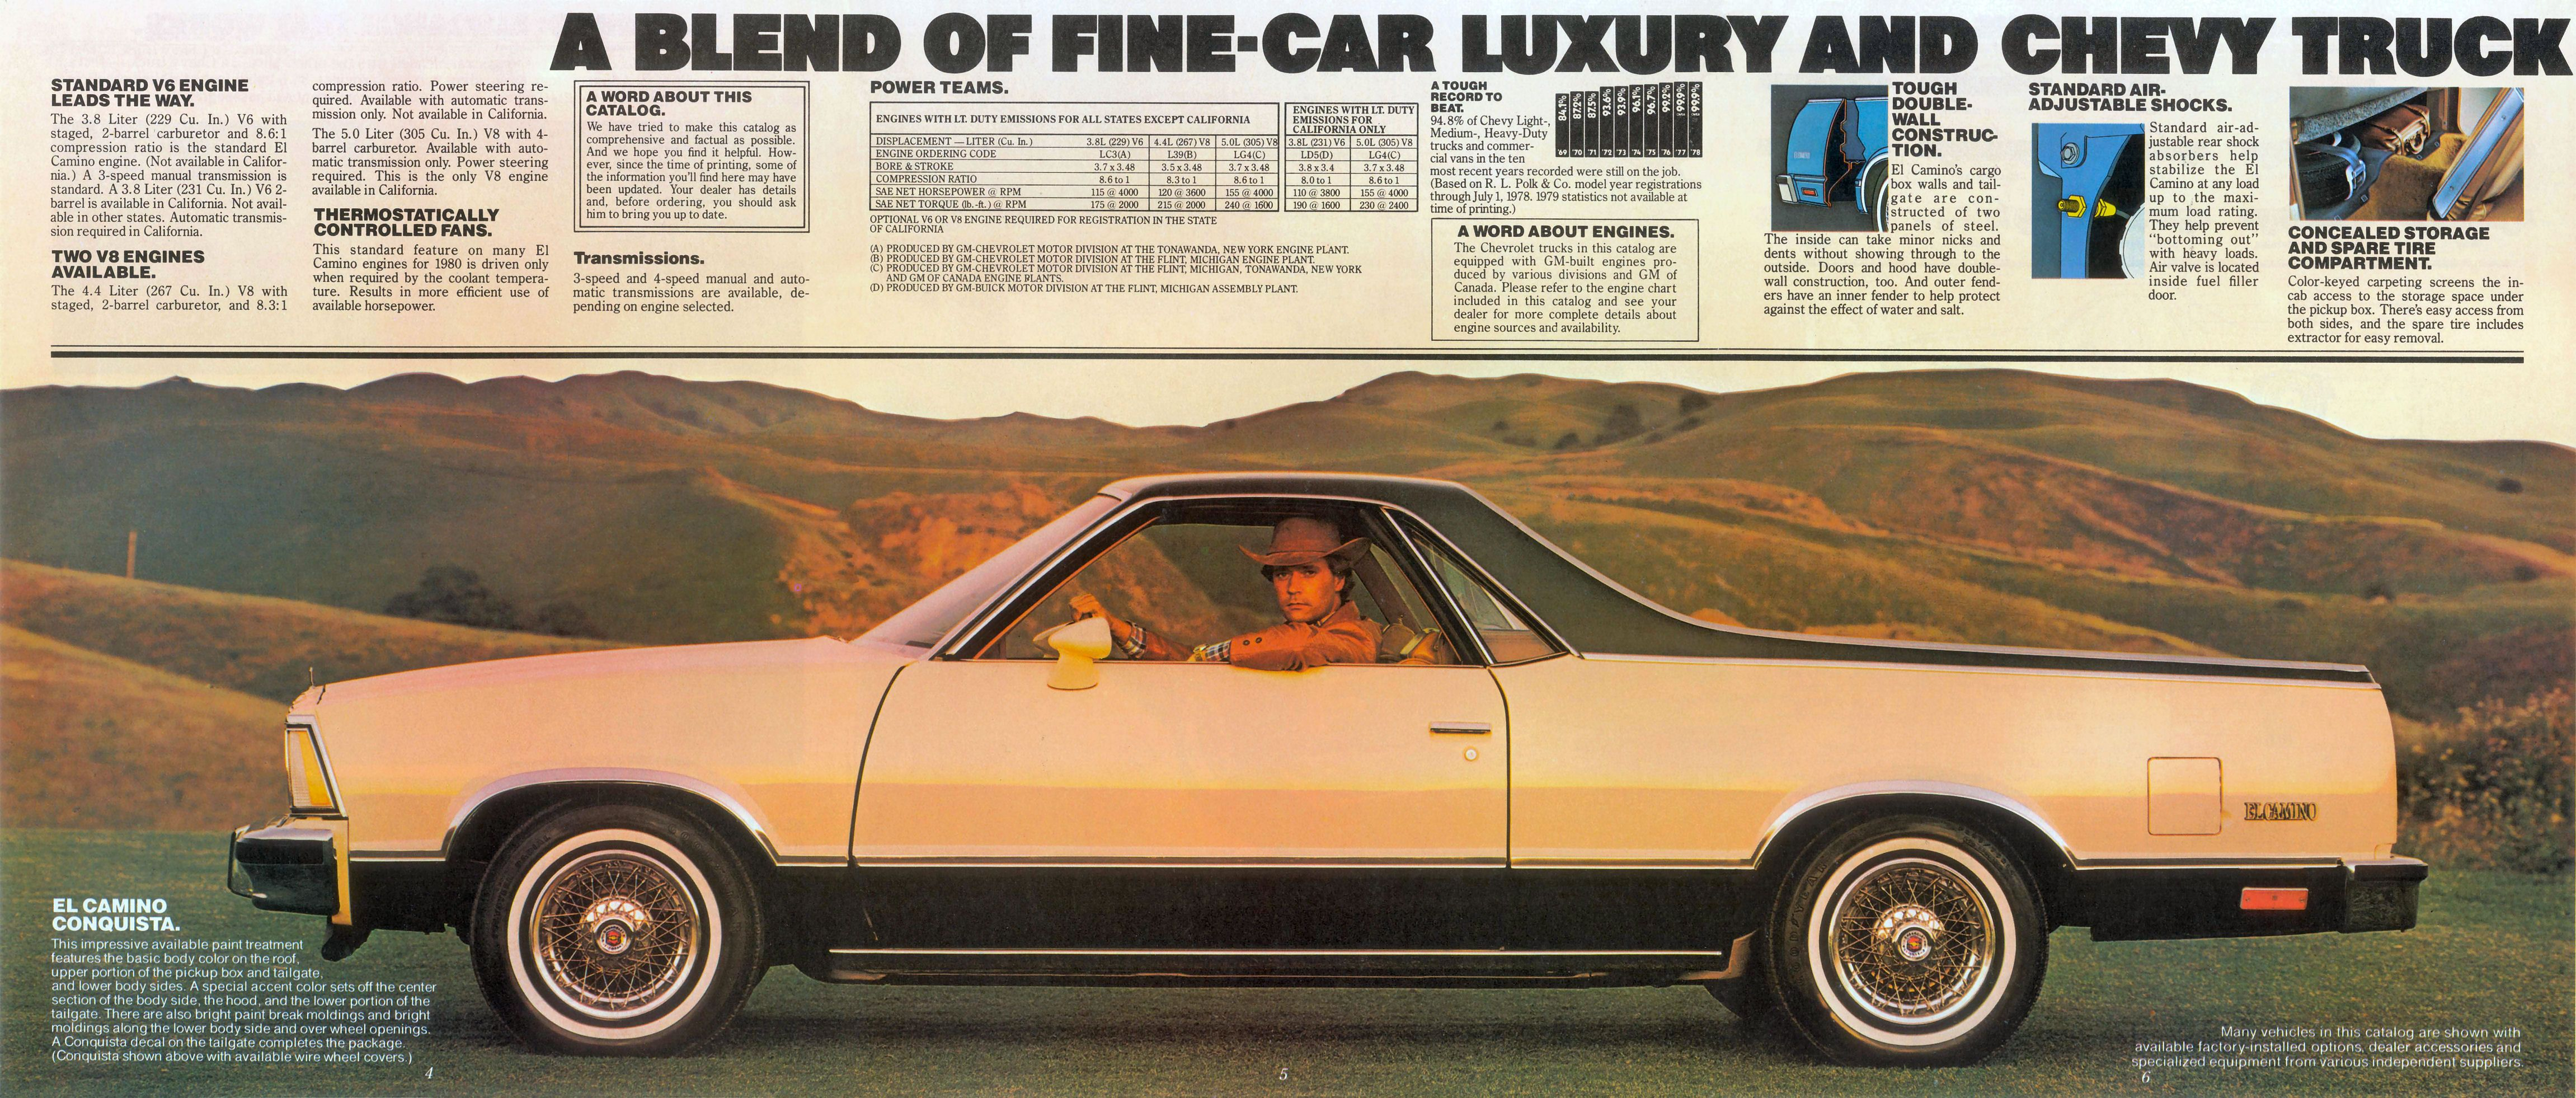 1980 Chevrolet El Camino 04 To 06 Jpg 4 604 1 962 Pixels Chevrolet El Camino Chevrolet El Camino